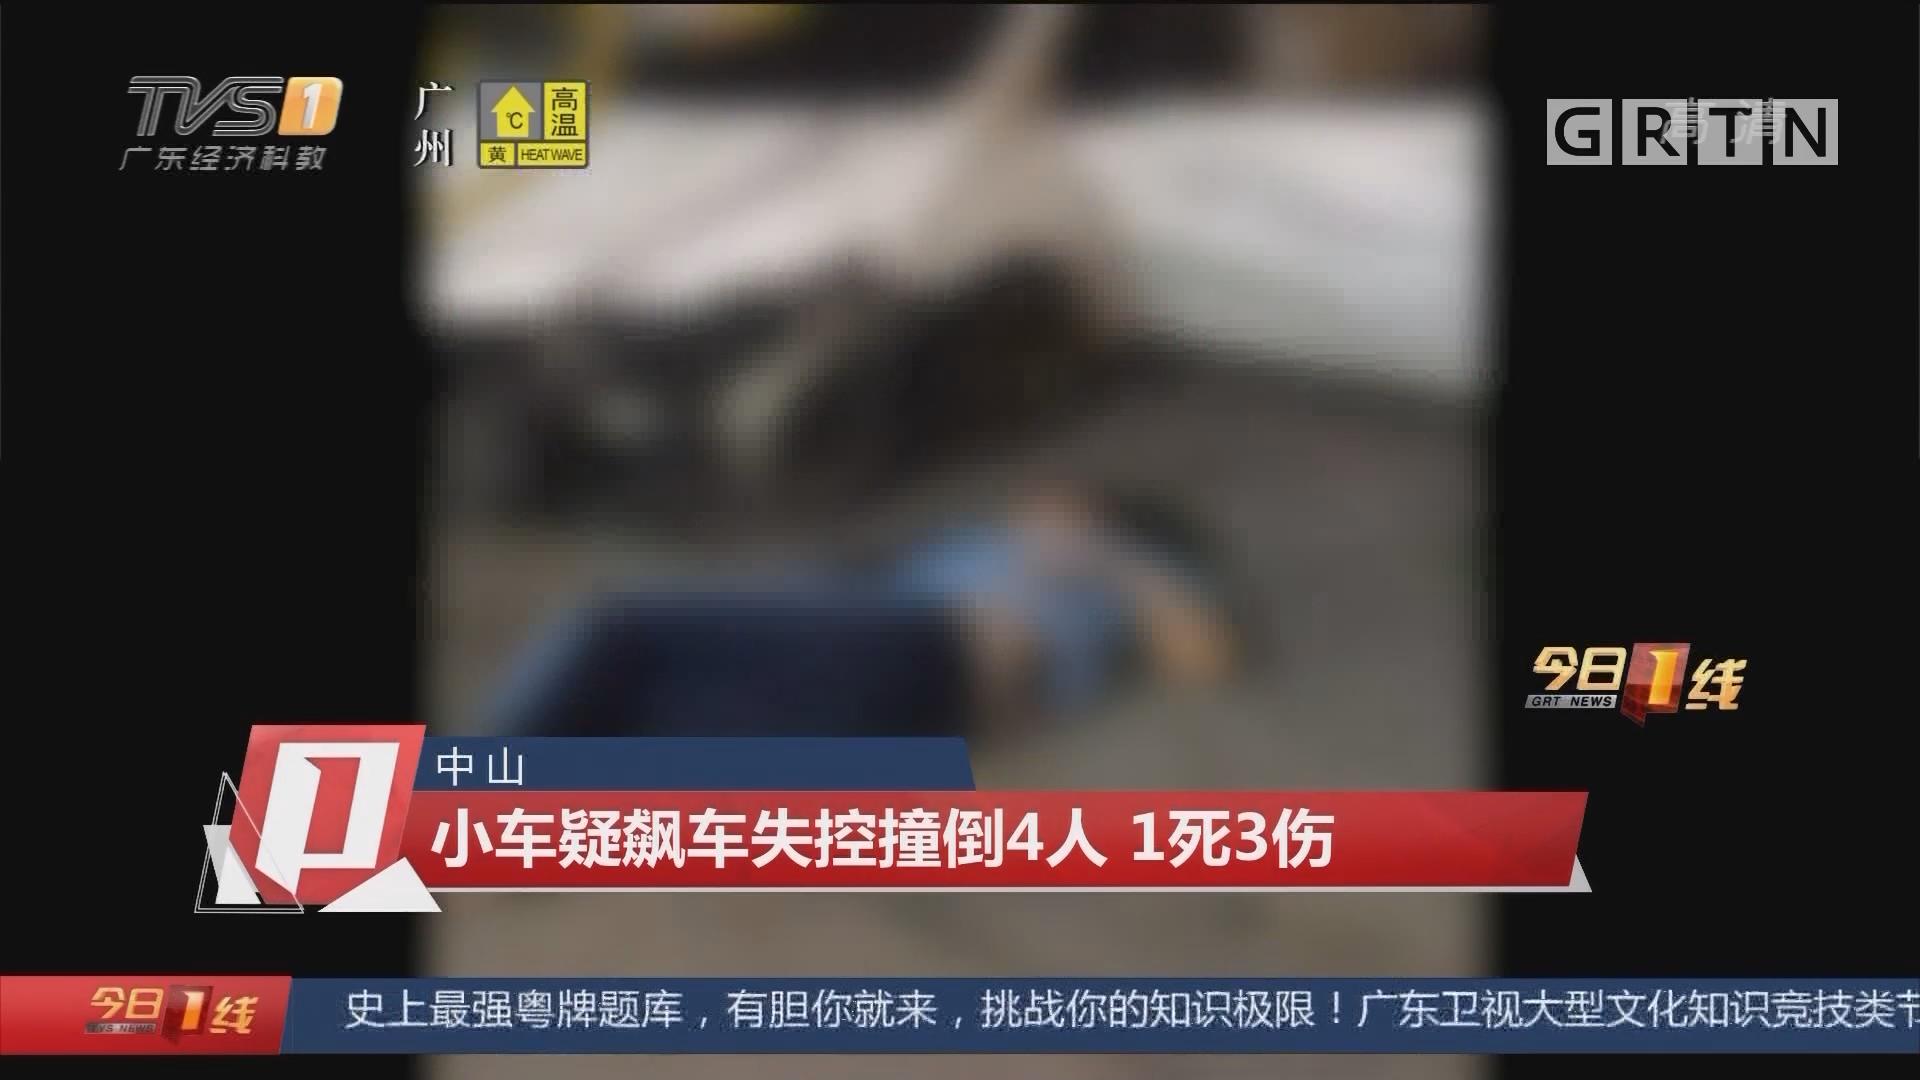 中山:小车疑飙车失控撞倒4人 1死3伤